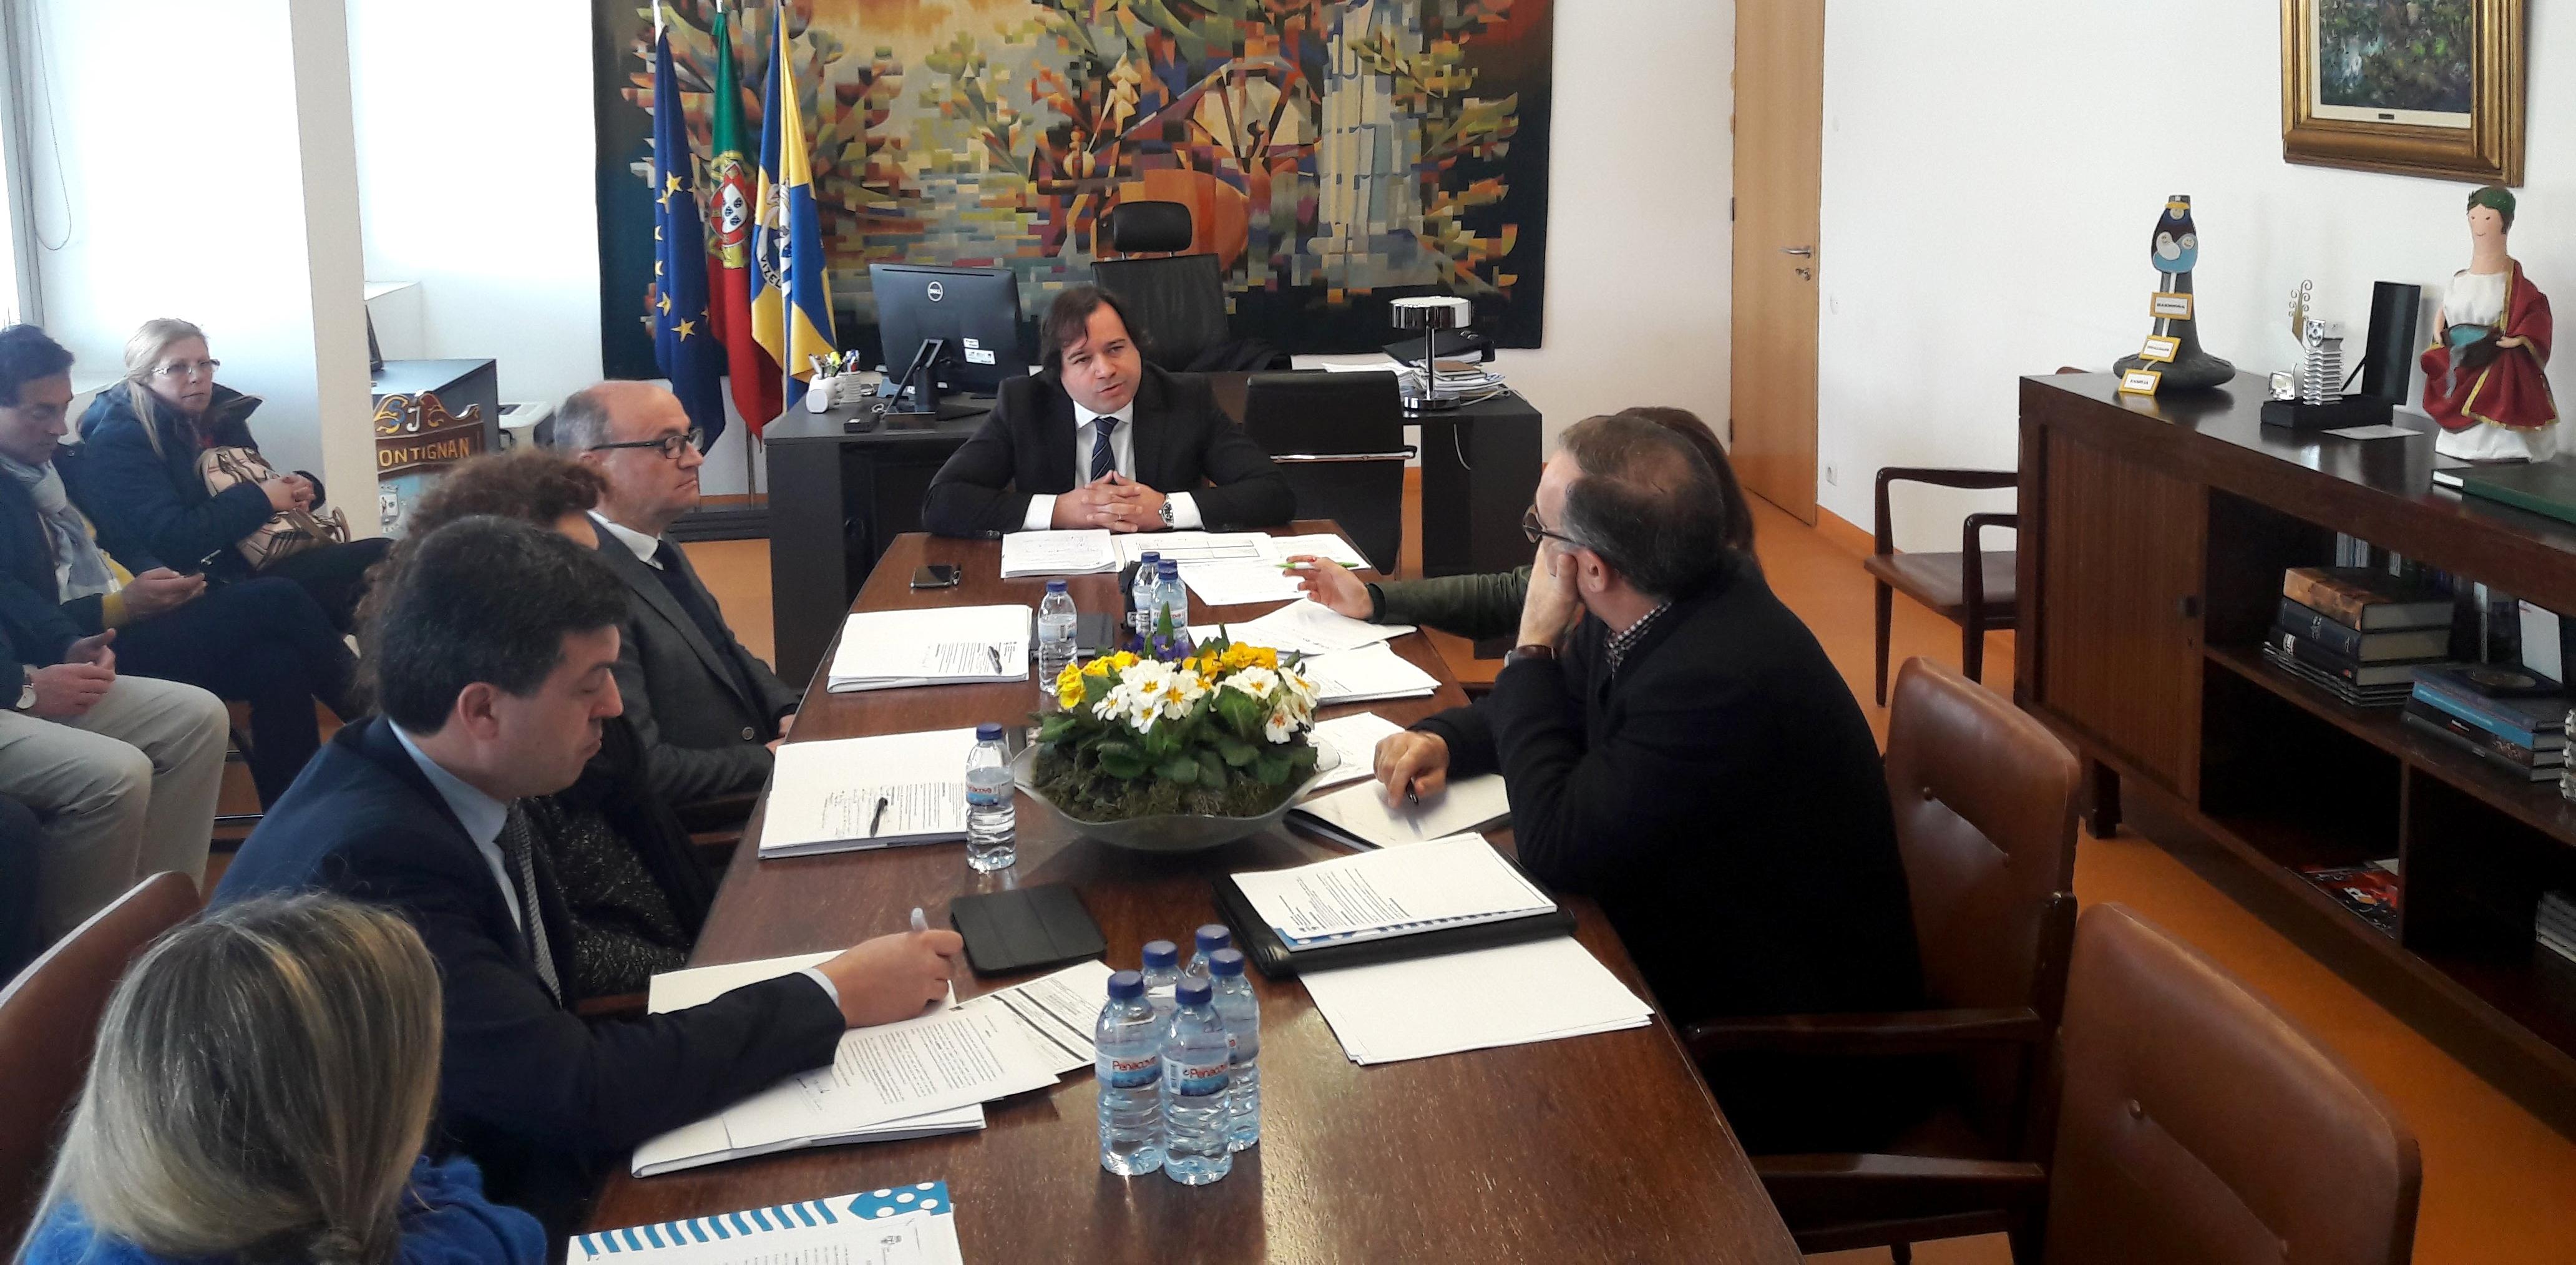 Executivo Municipal reúne dia 17.04.18